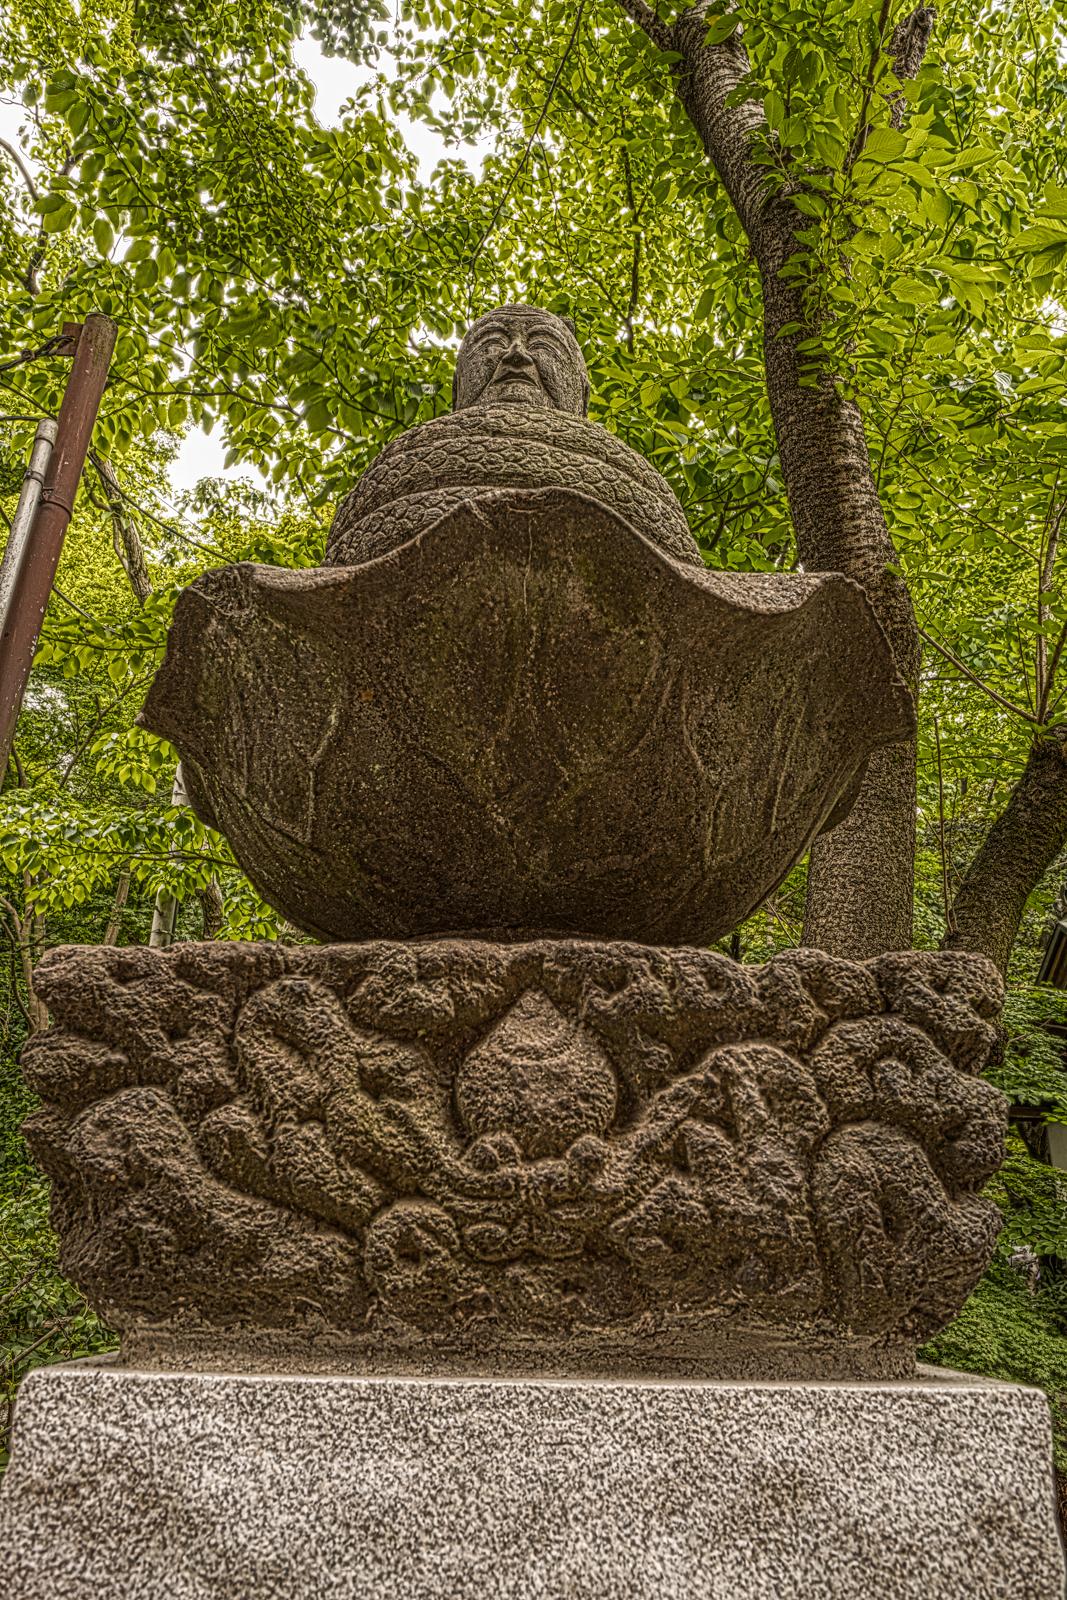 井の頭弁財天にある宇賀神像のHDR写真